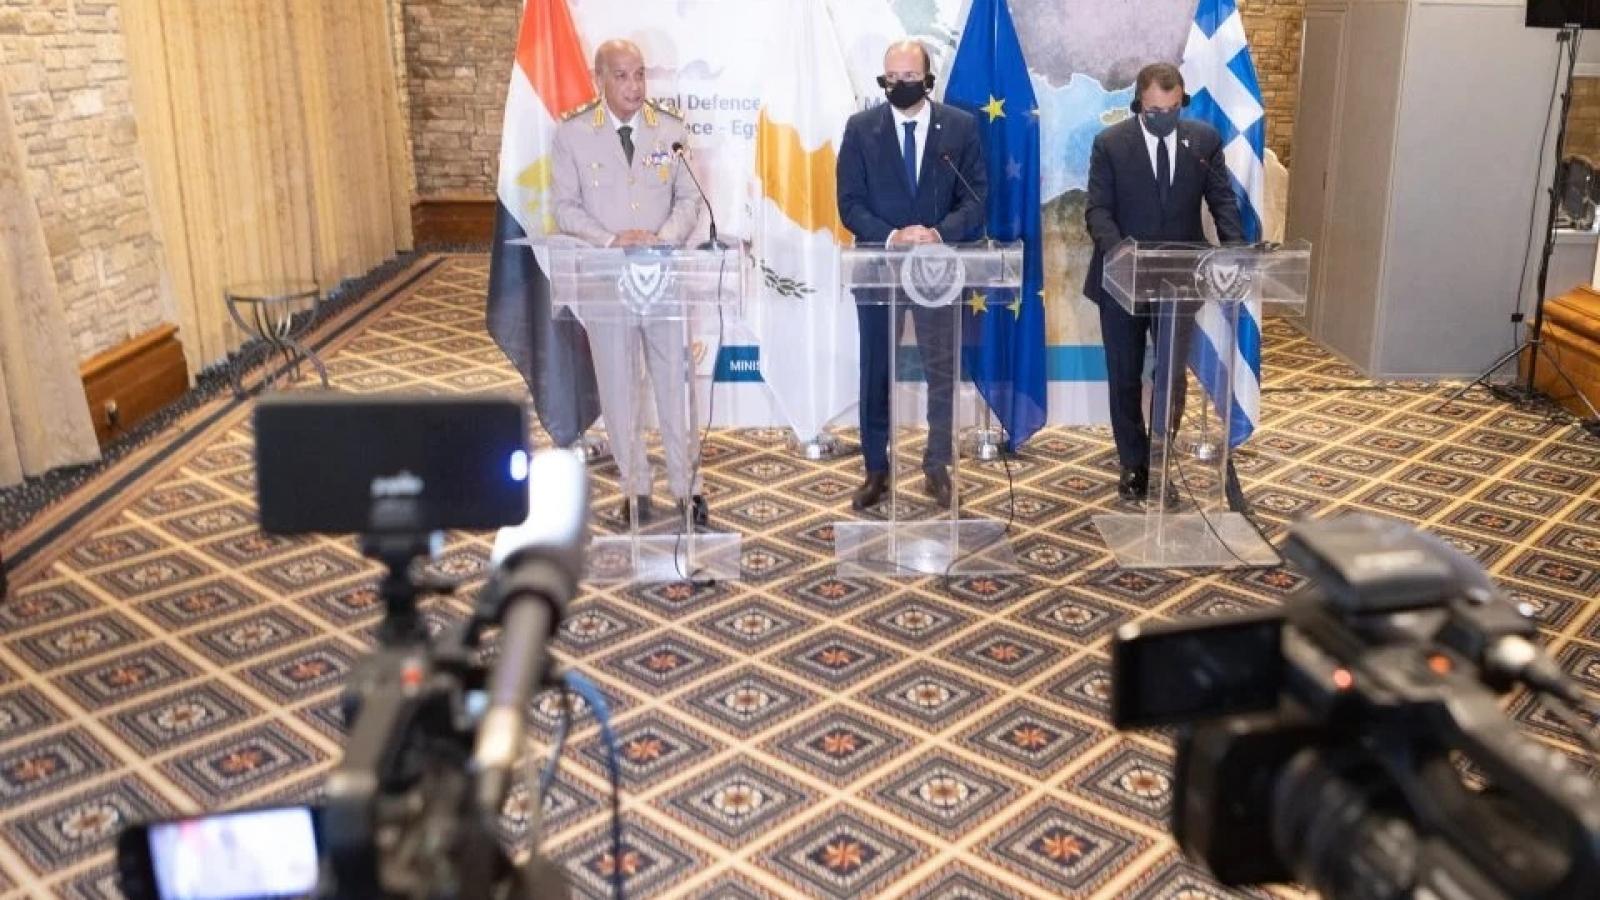 Thắt chặt quan hệ quốc phòng trước các mối đe dọa ở Đông Địa Trung Hải